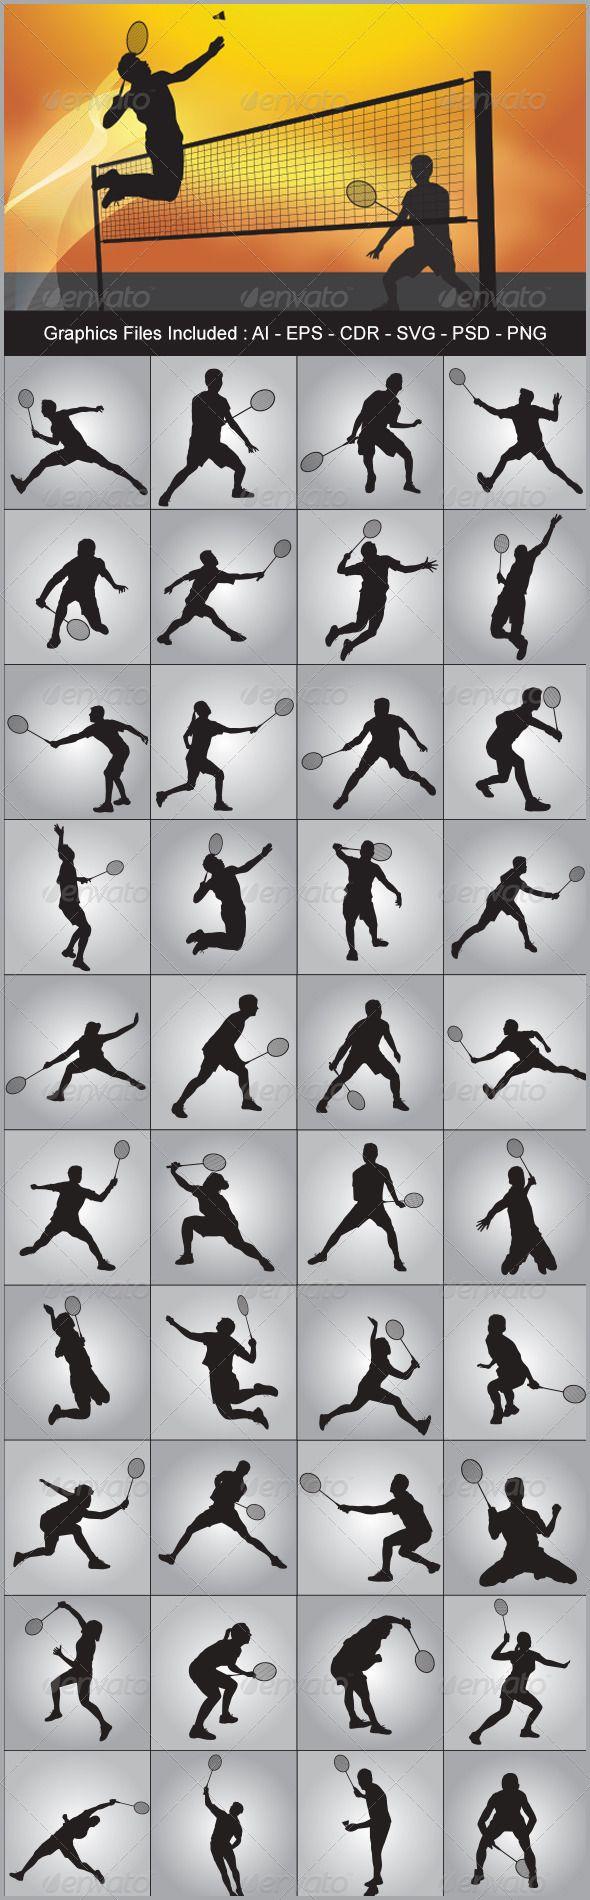 Voici plusieurs mouvements de badminton - un de mes sports préférés.